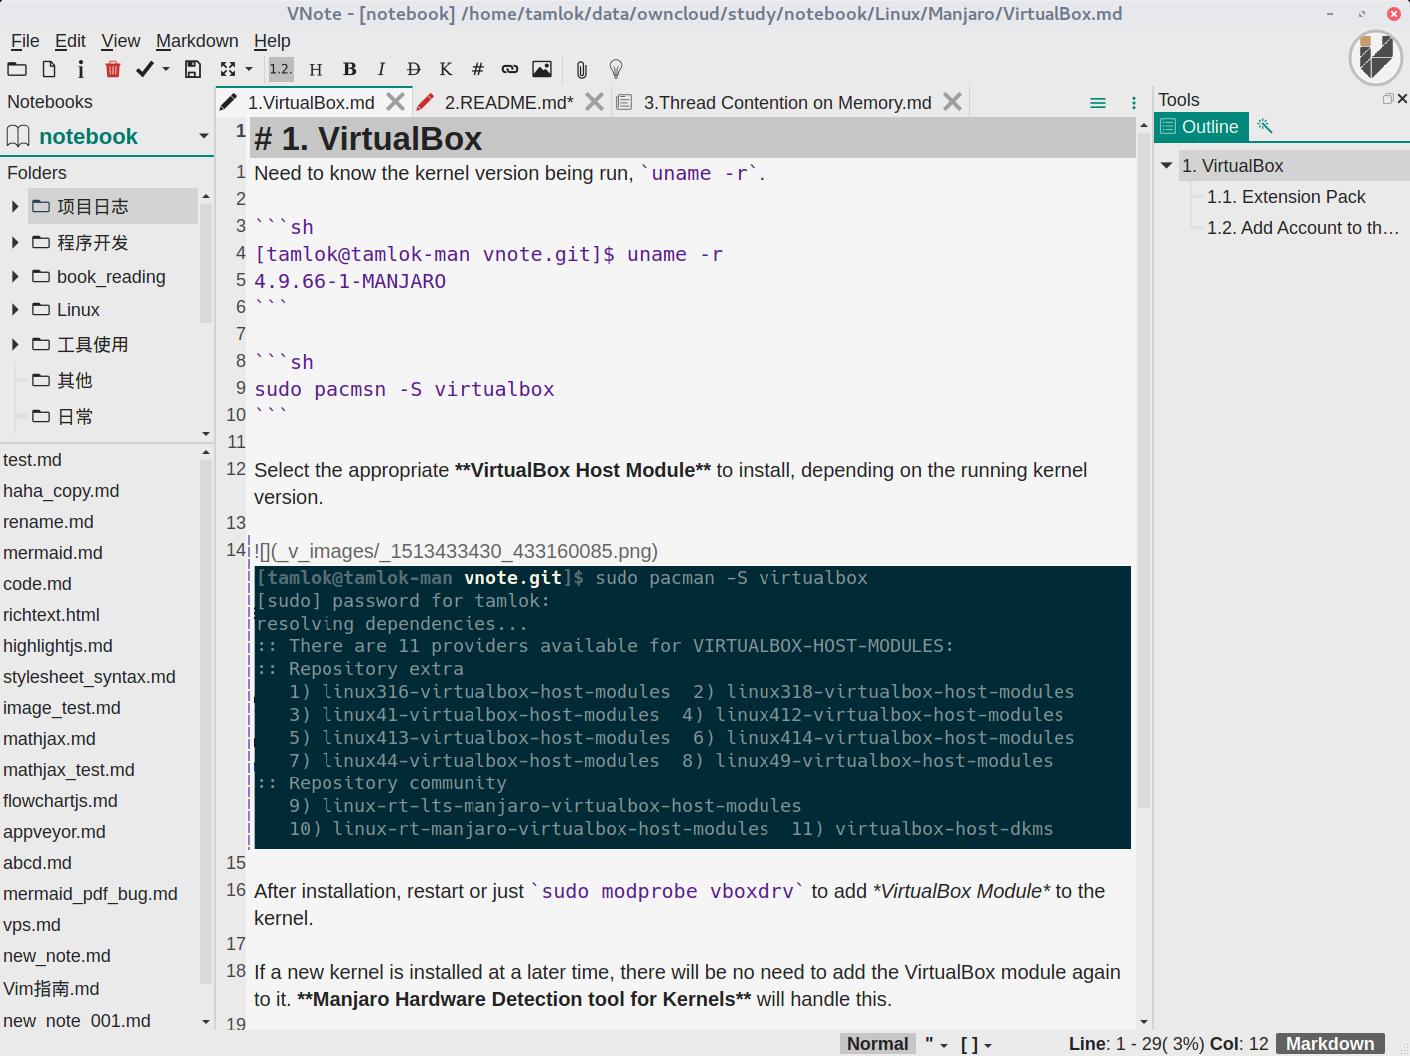 基于 Qt 框架的开源笔记软件 VNote